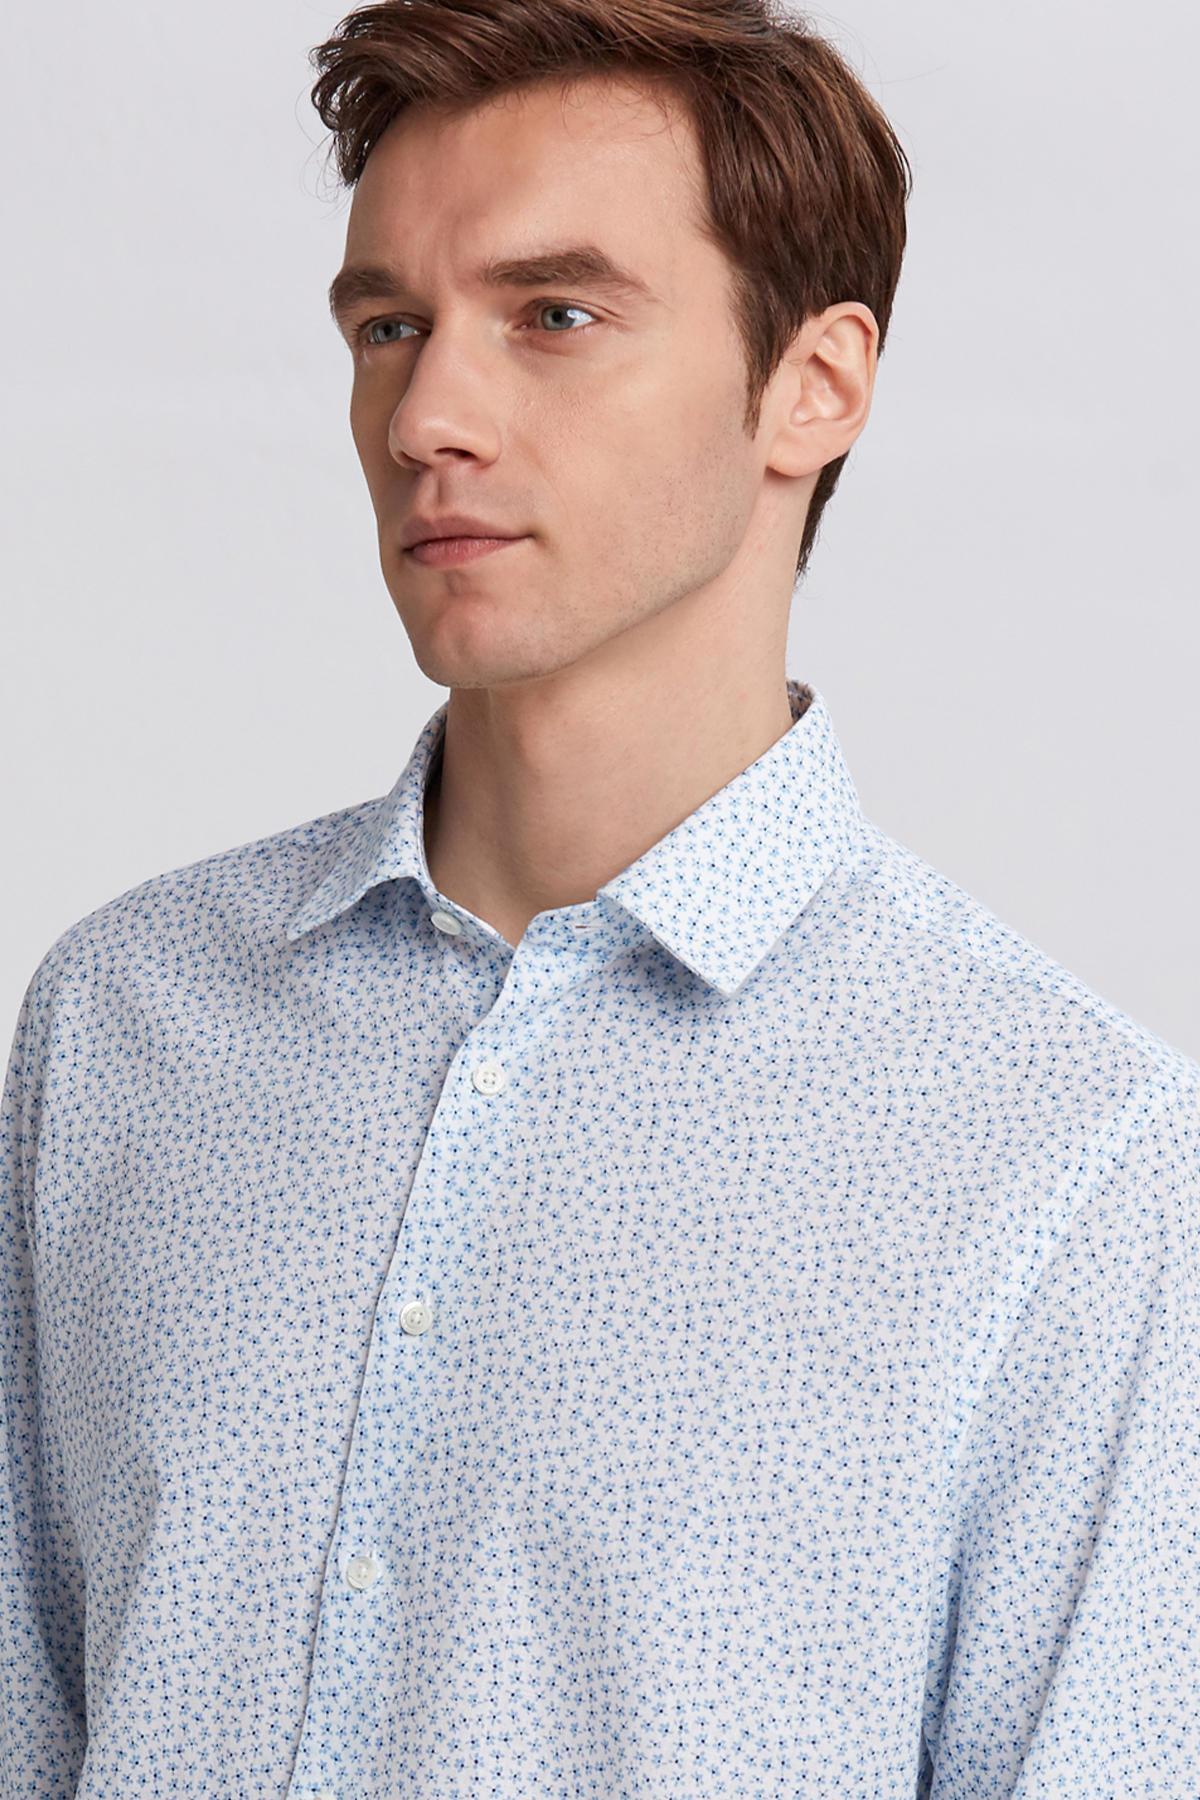 Turkuaz Baskılı Keten Pamuk Gömlek